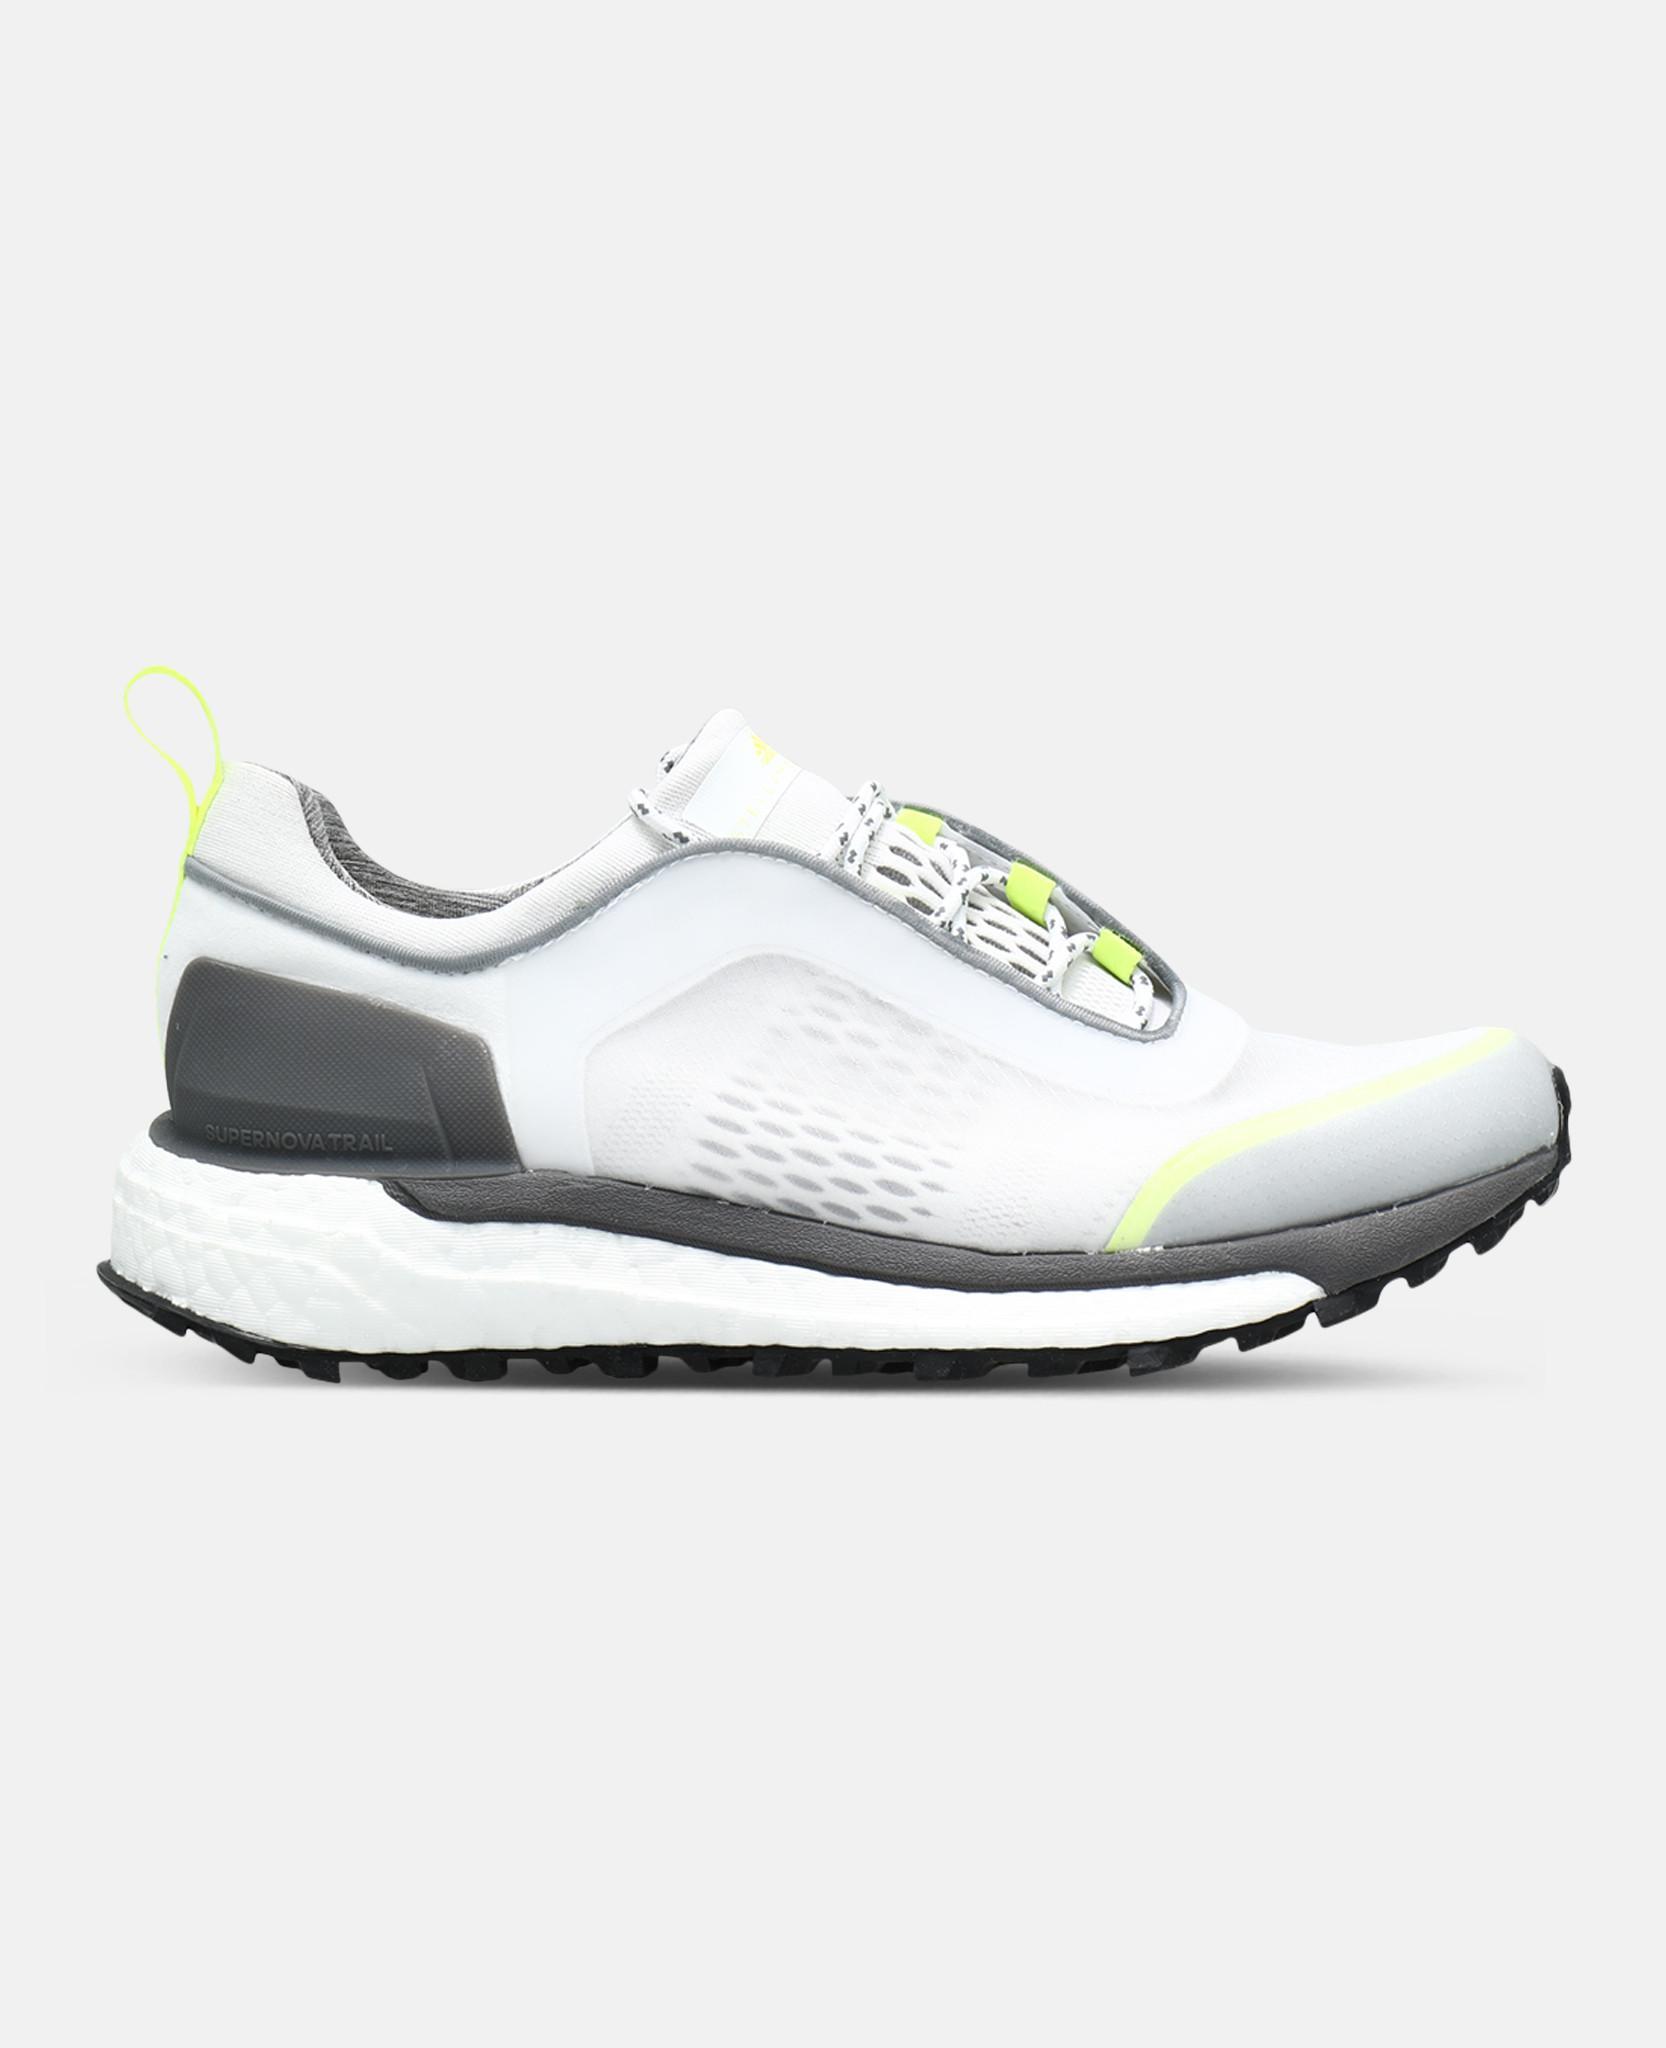 1c5754ce4d944 Lyst - adidas By Stella McCartney White Supernova Trail Footwear in ...